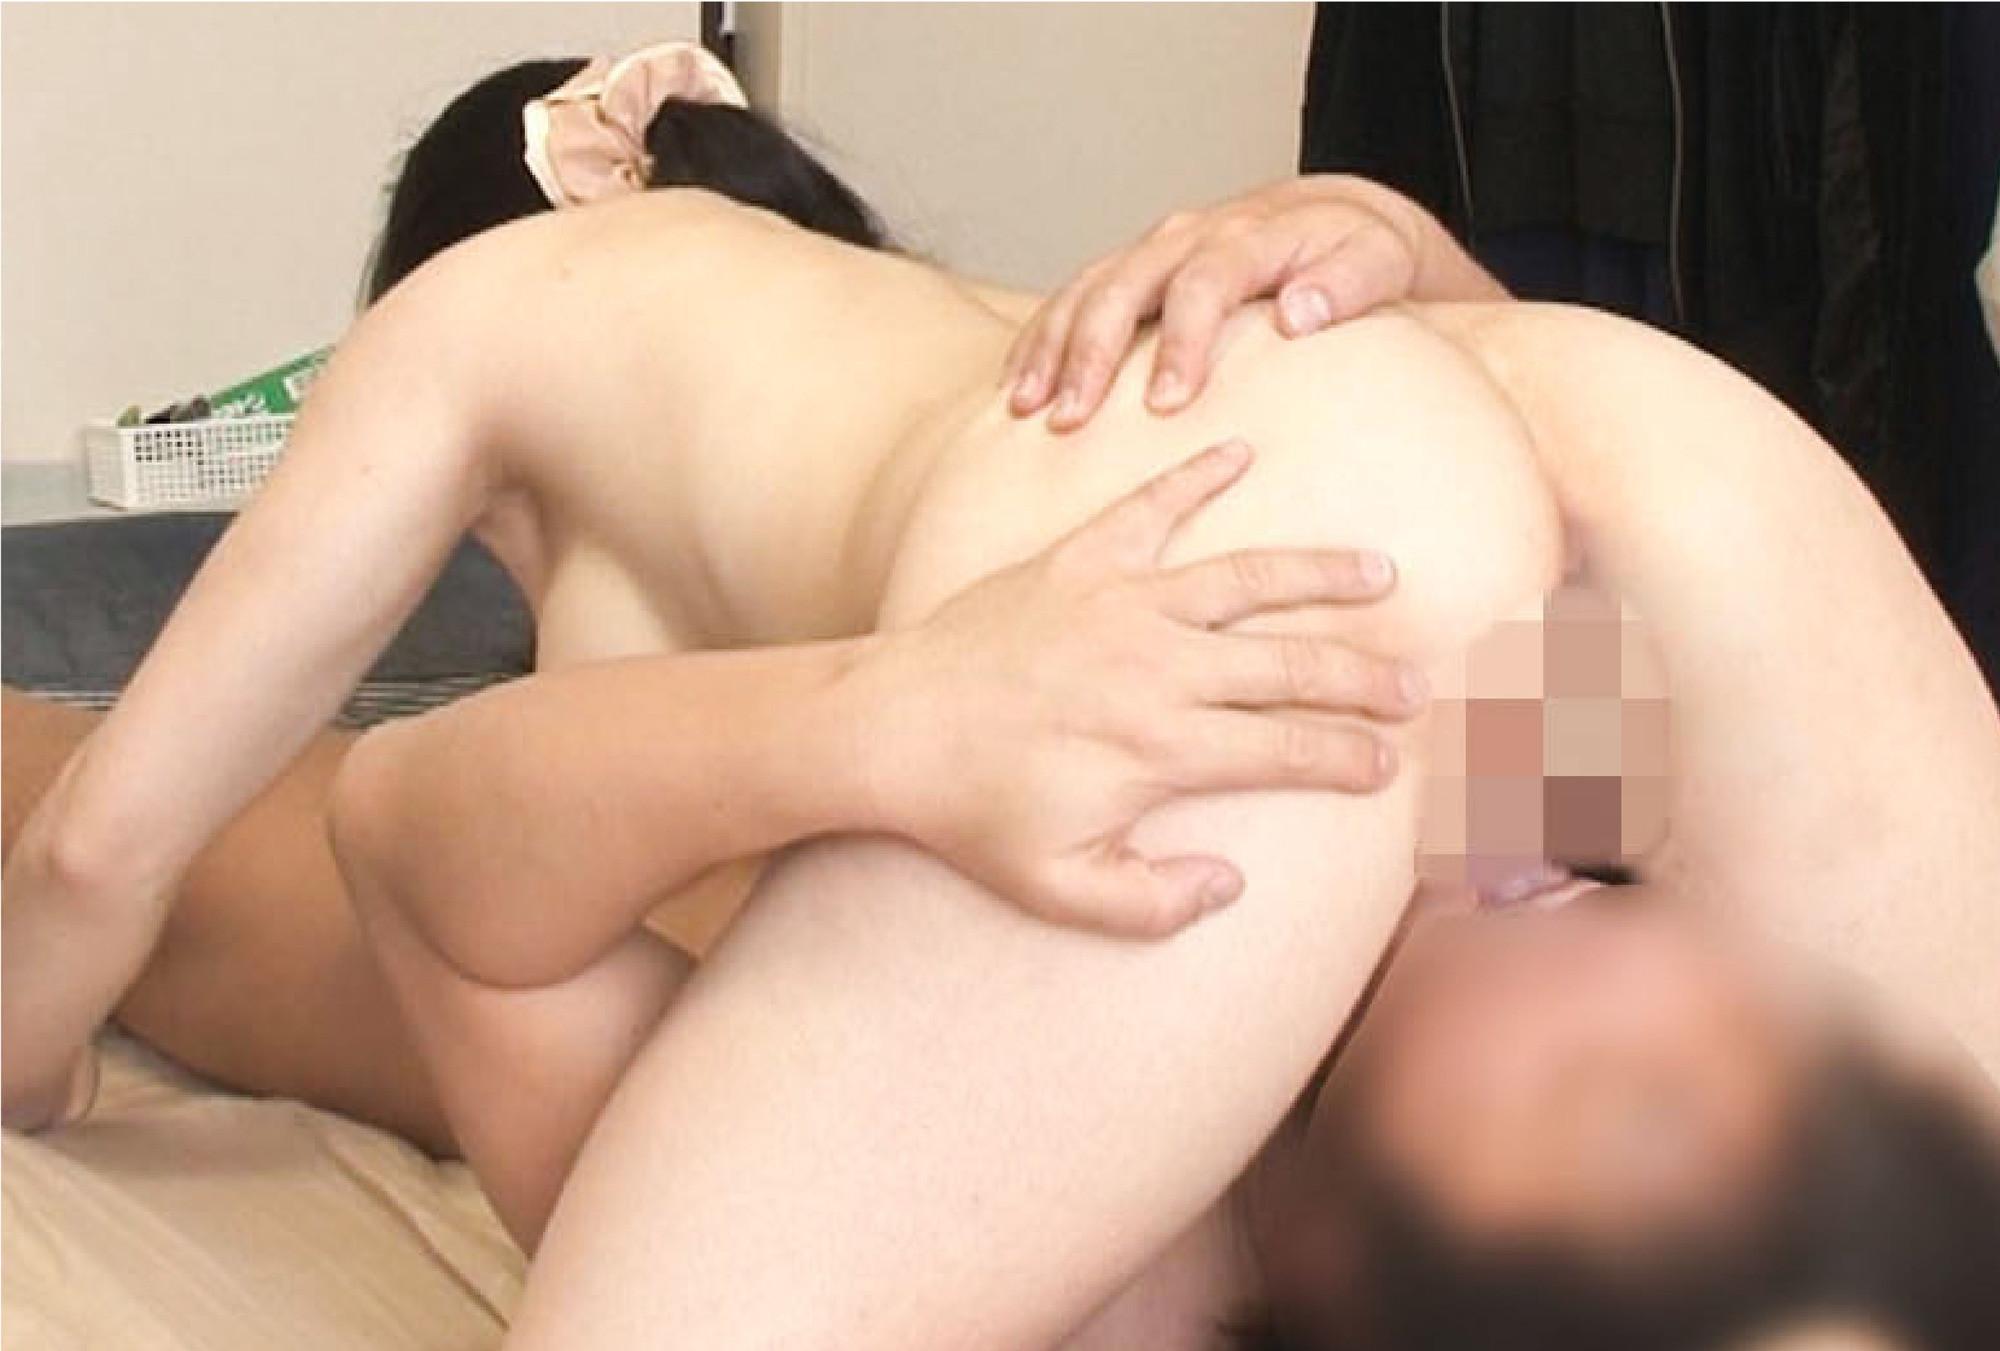 レンタル熟女のお仕事~夫の知らない妻の裏の顔 file NO.36~